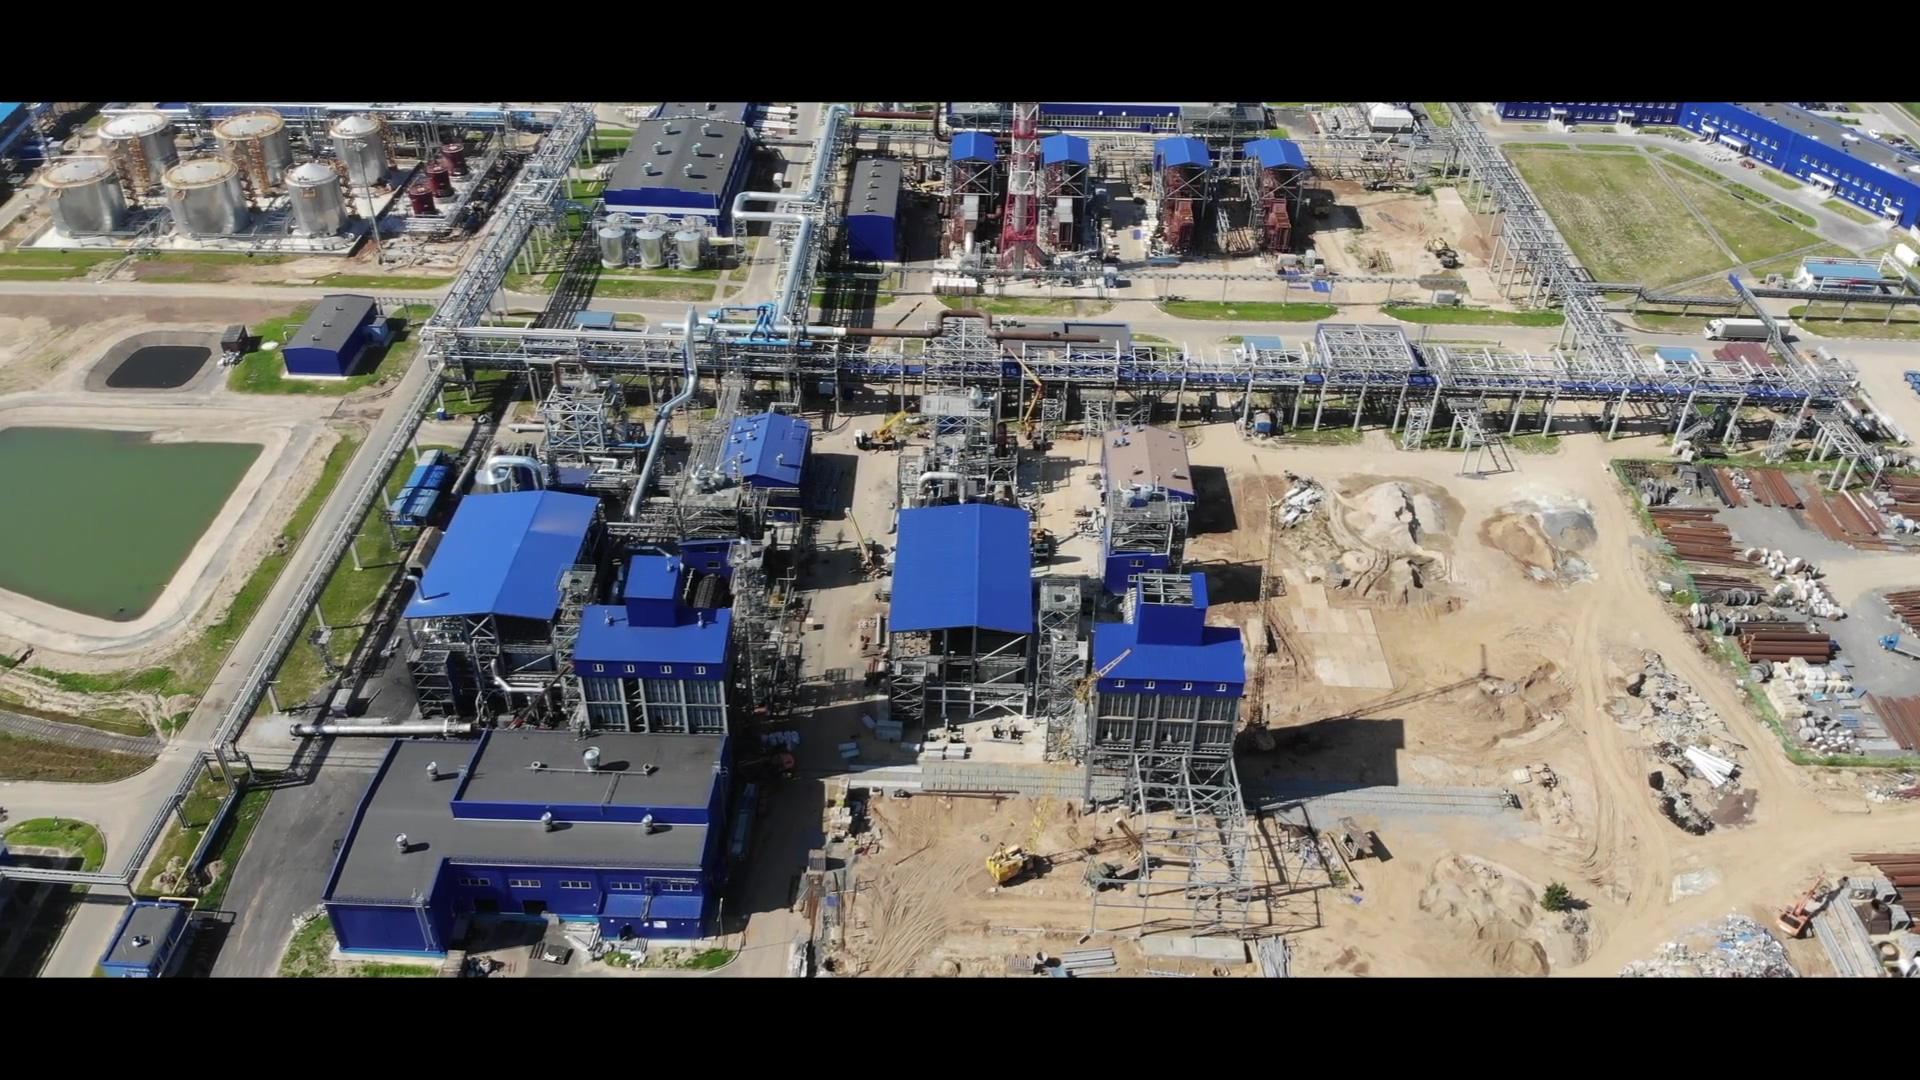 Swagelok Paris Comment un fabricant d'équipements industriels a pu améliorer la fiabilité de ses